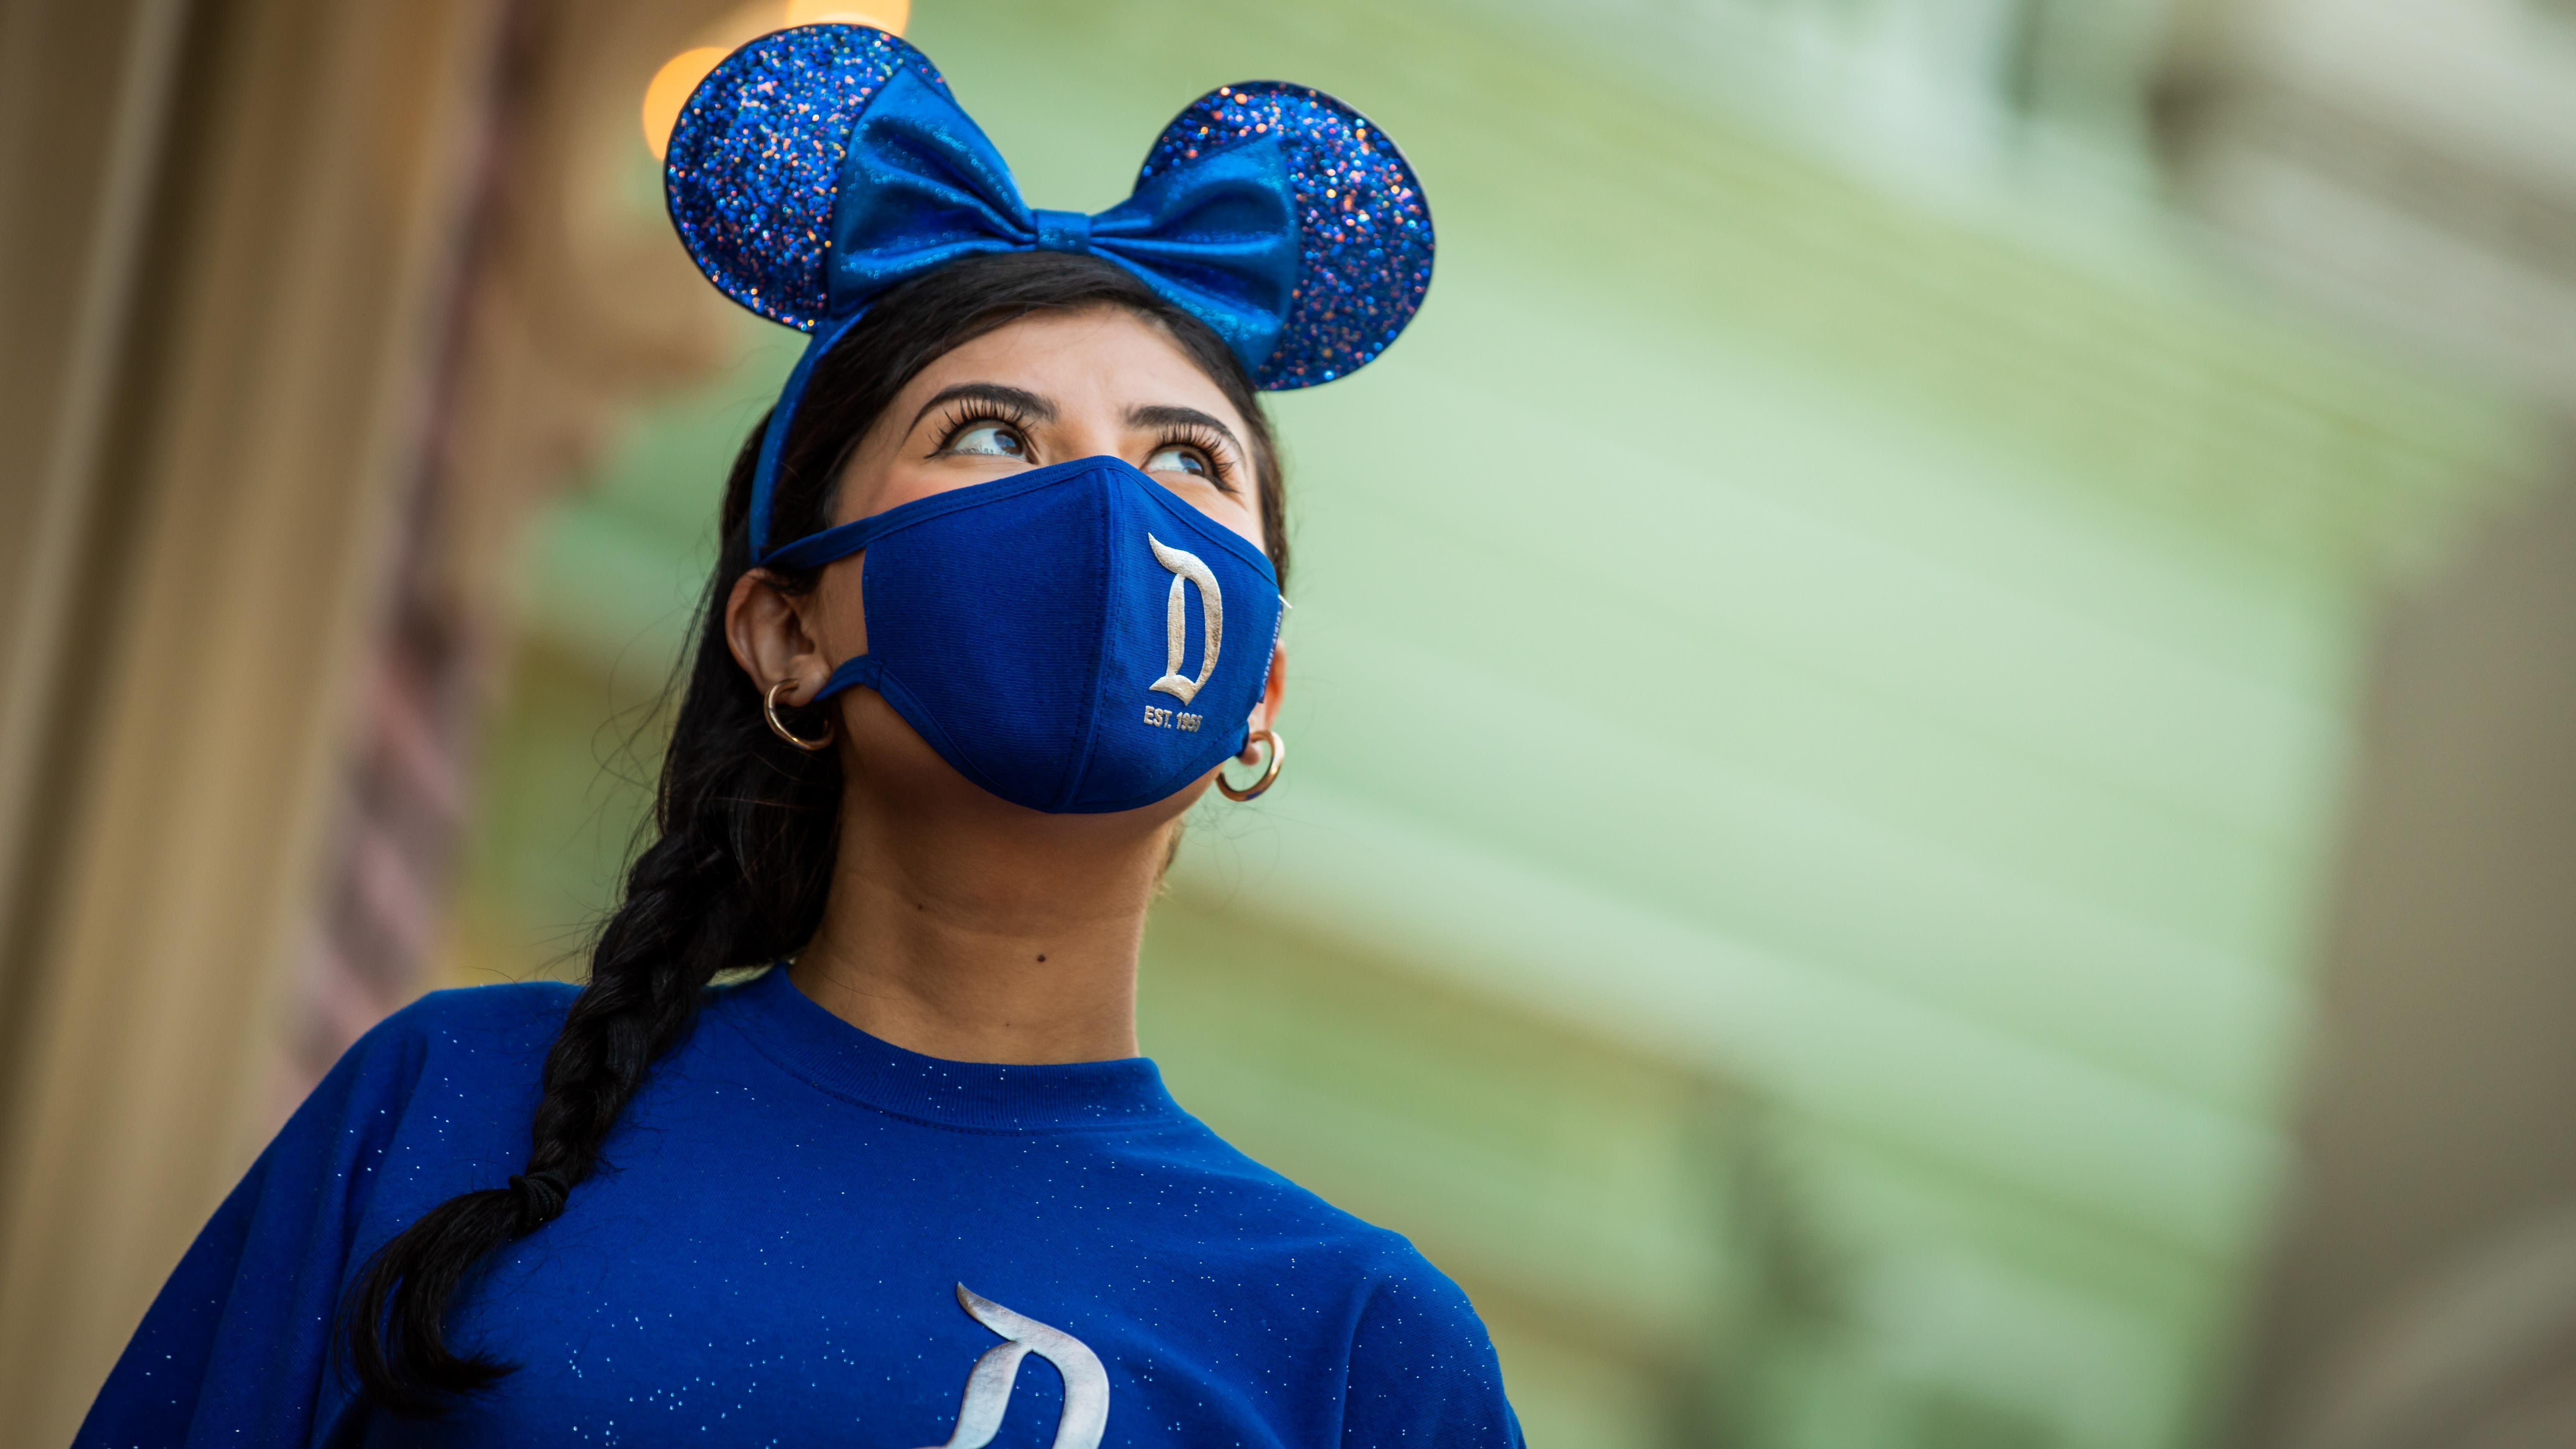 Pengikut Disney merayakan pembukaan kembali Disneyland dengan indera pendengaran dan topeng Mickey yang diadaptasi thumbnail